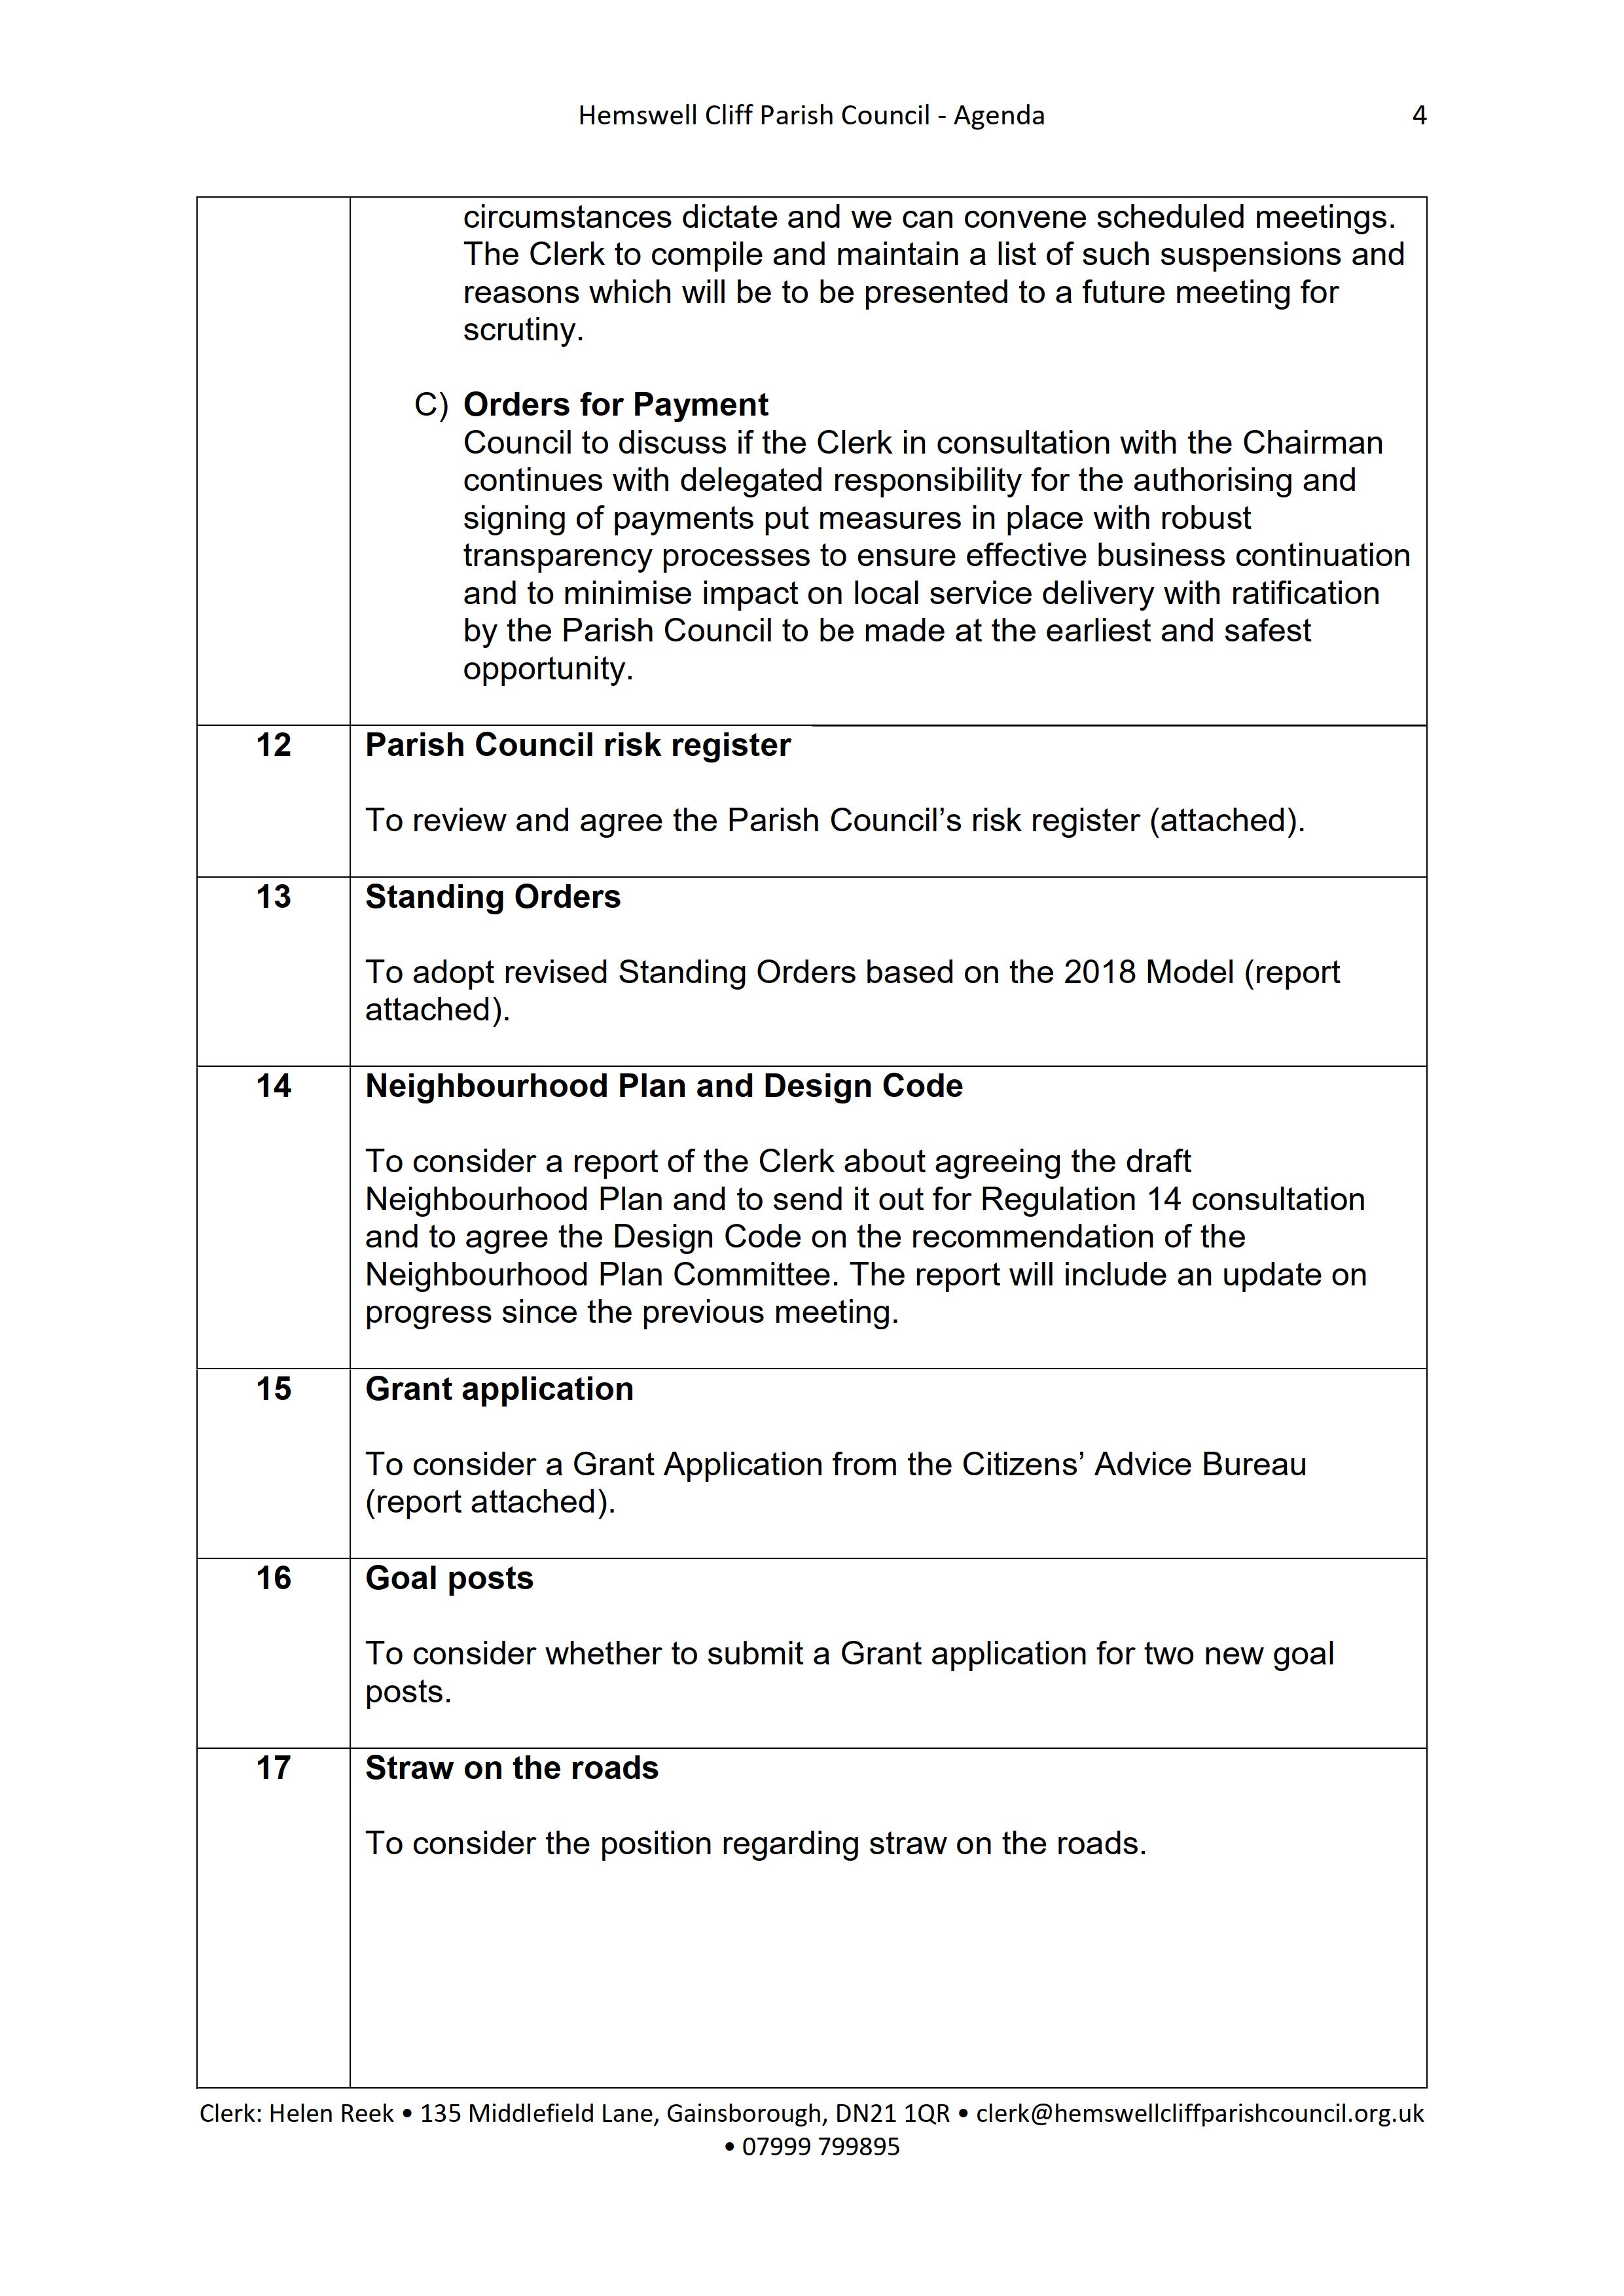 HCPC_Agenda_15.03.21_4.png